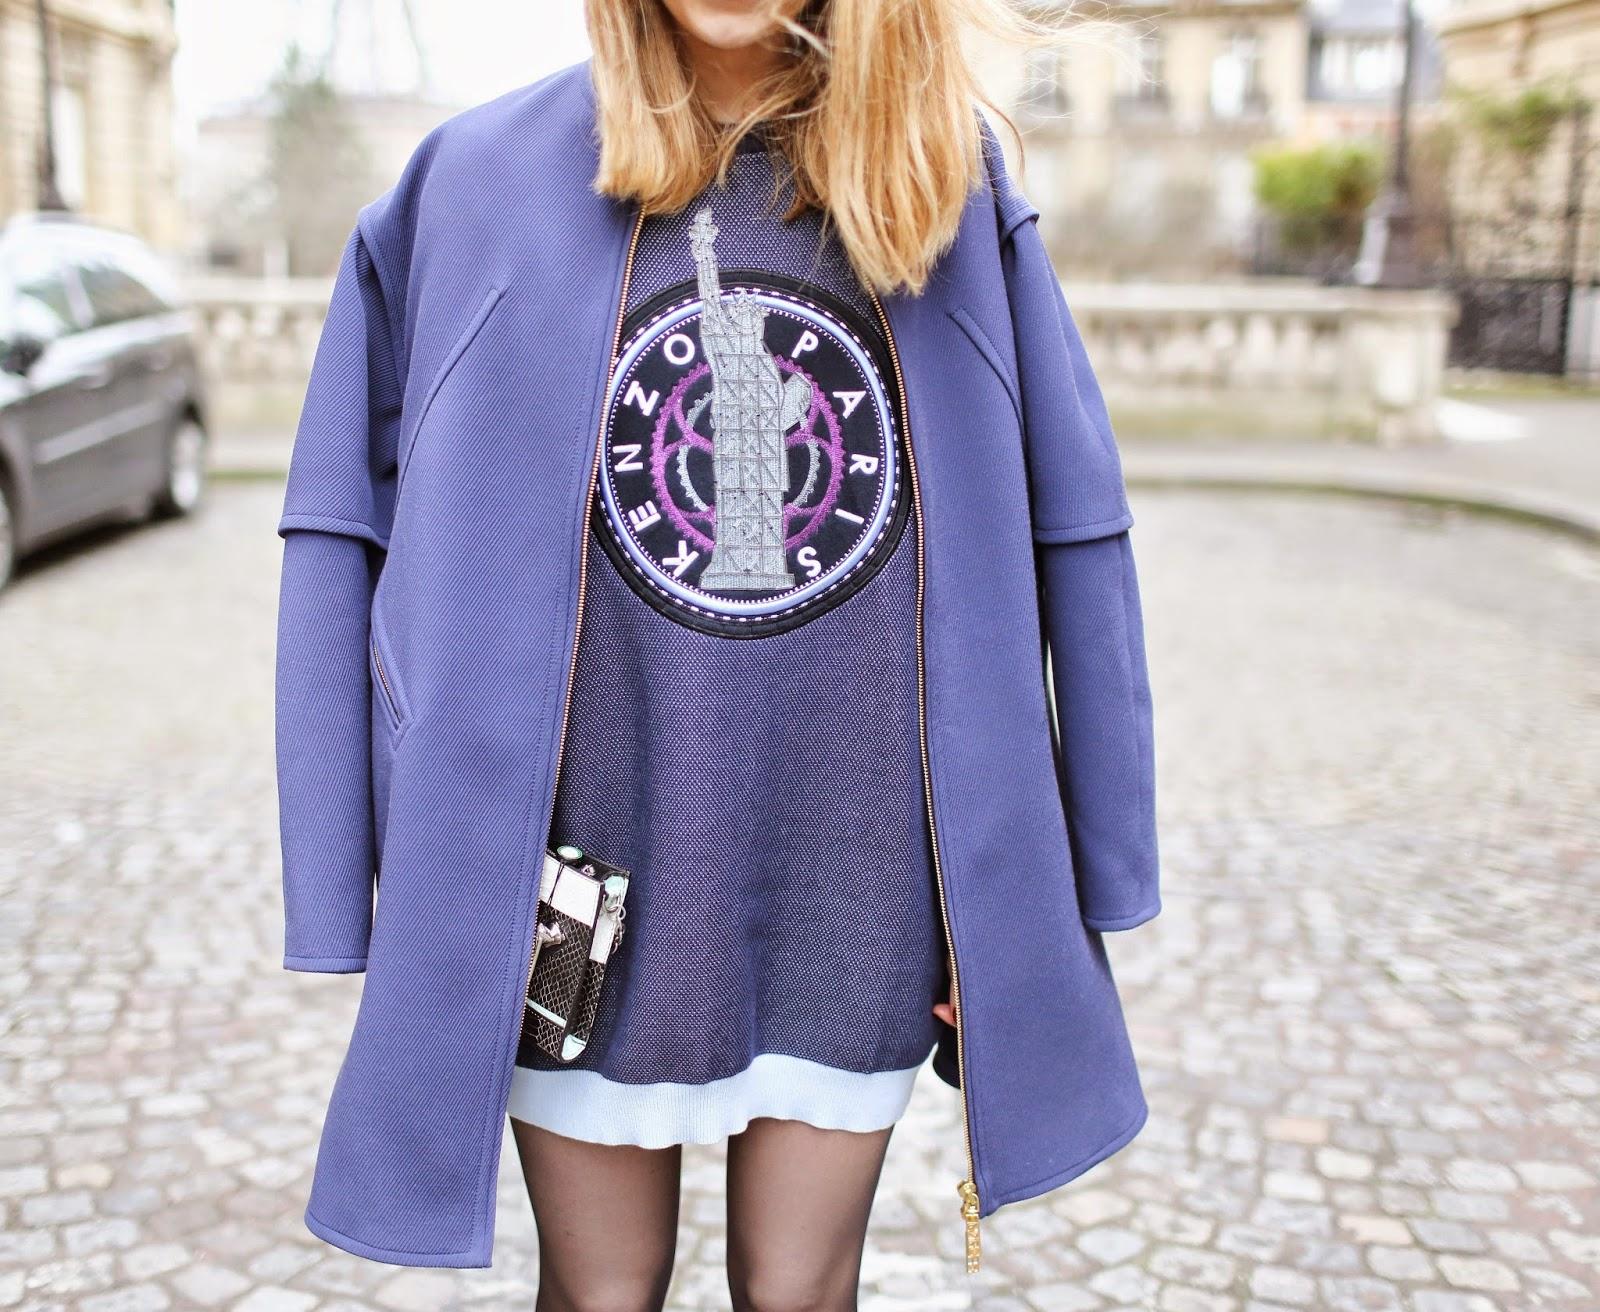 kenzo, pardonmyobsession x kenzo, paris, streetstyle, zara, fashion blogger